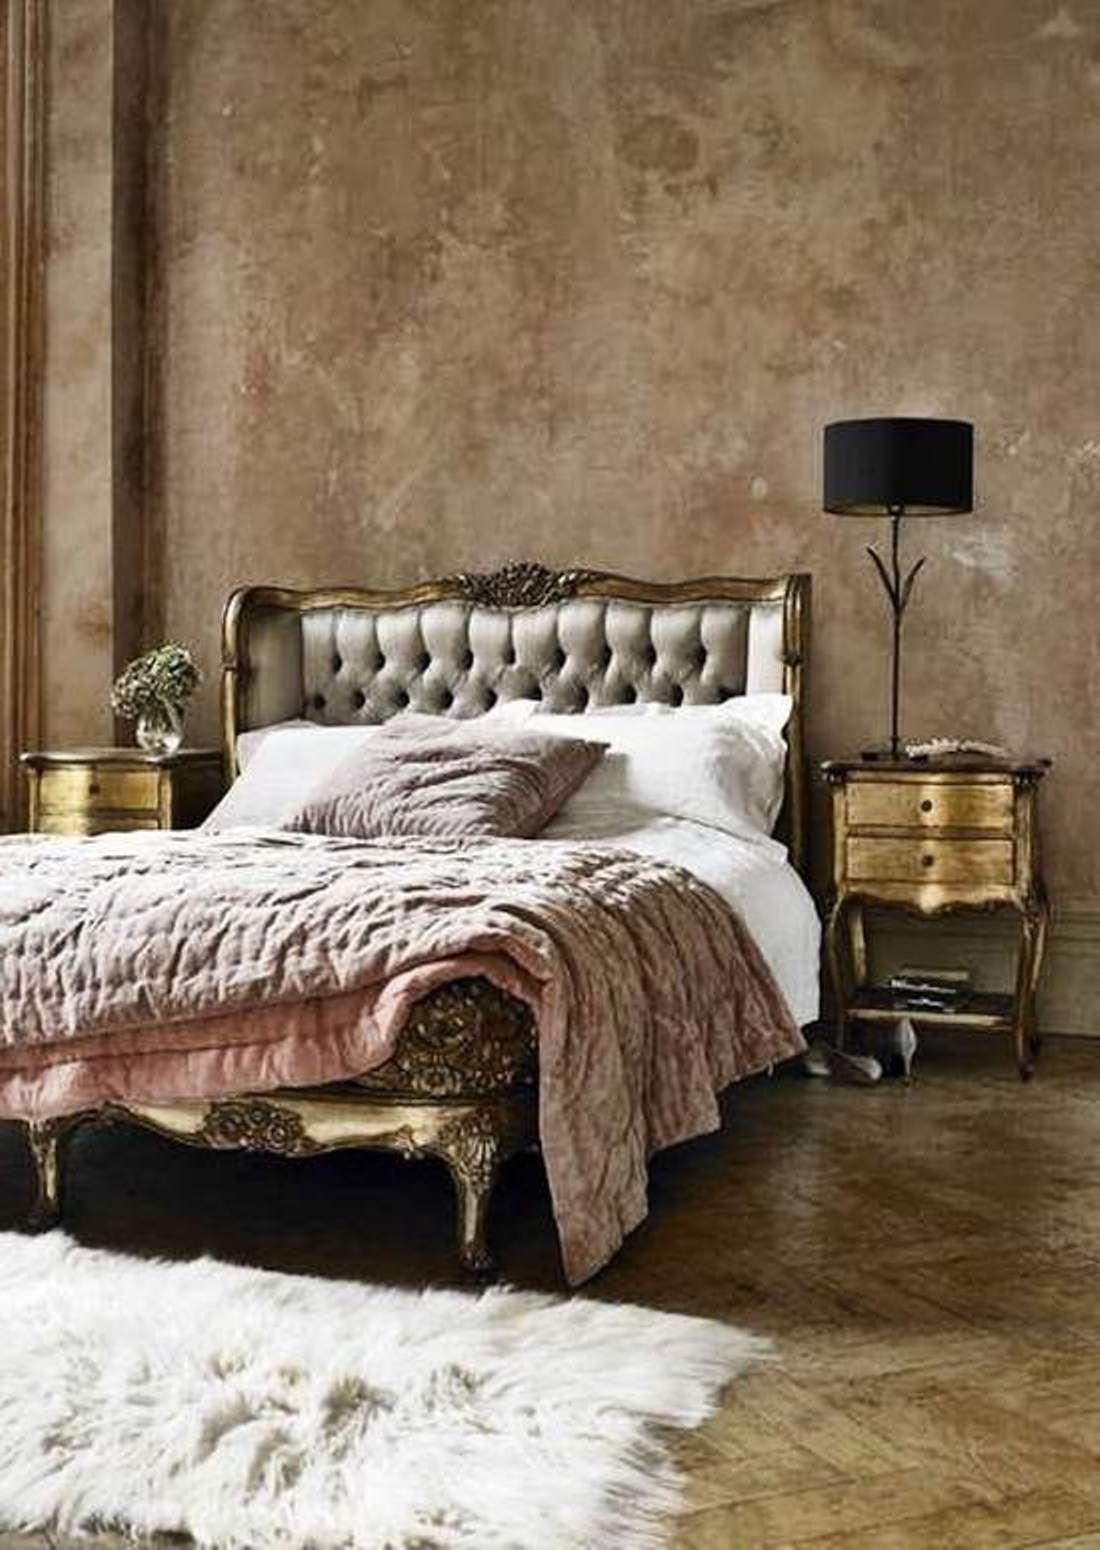 Elegant Paris Decor For Bedroom Chic Paris Decor For